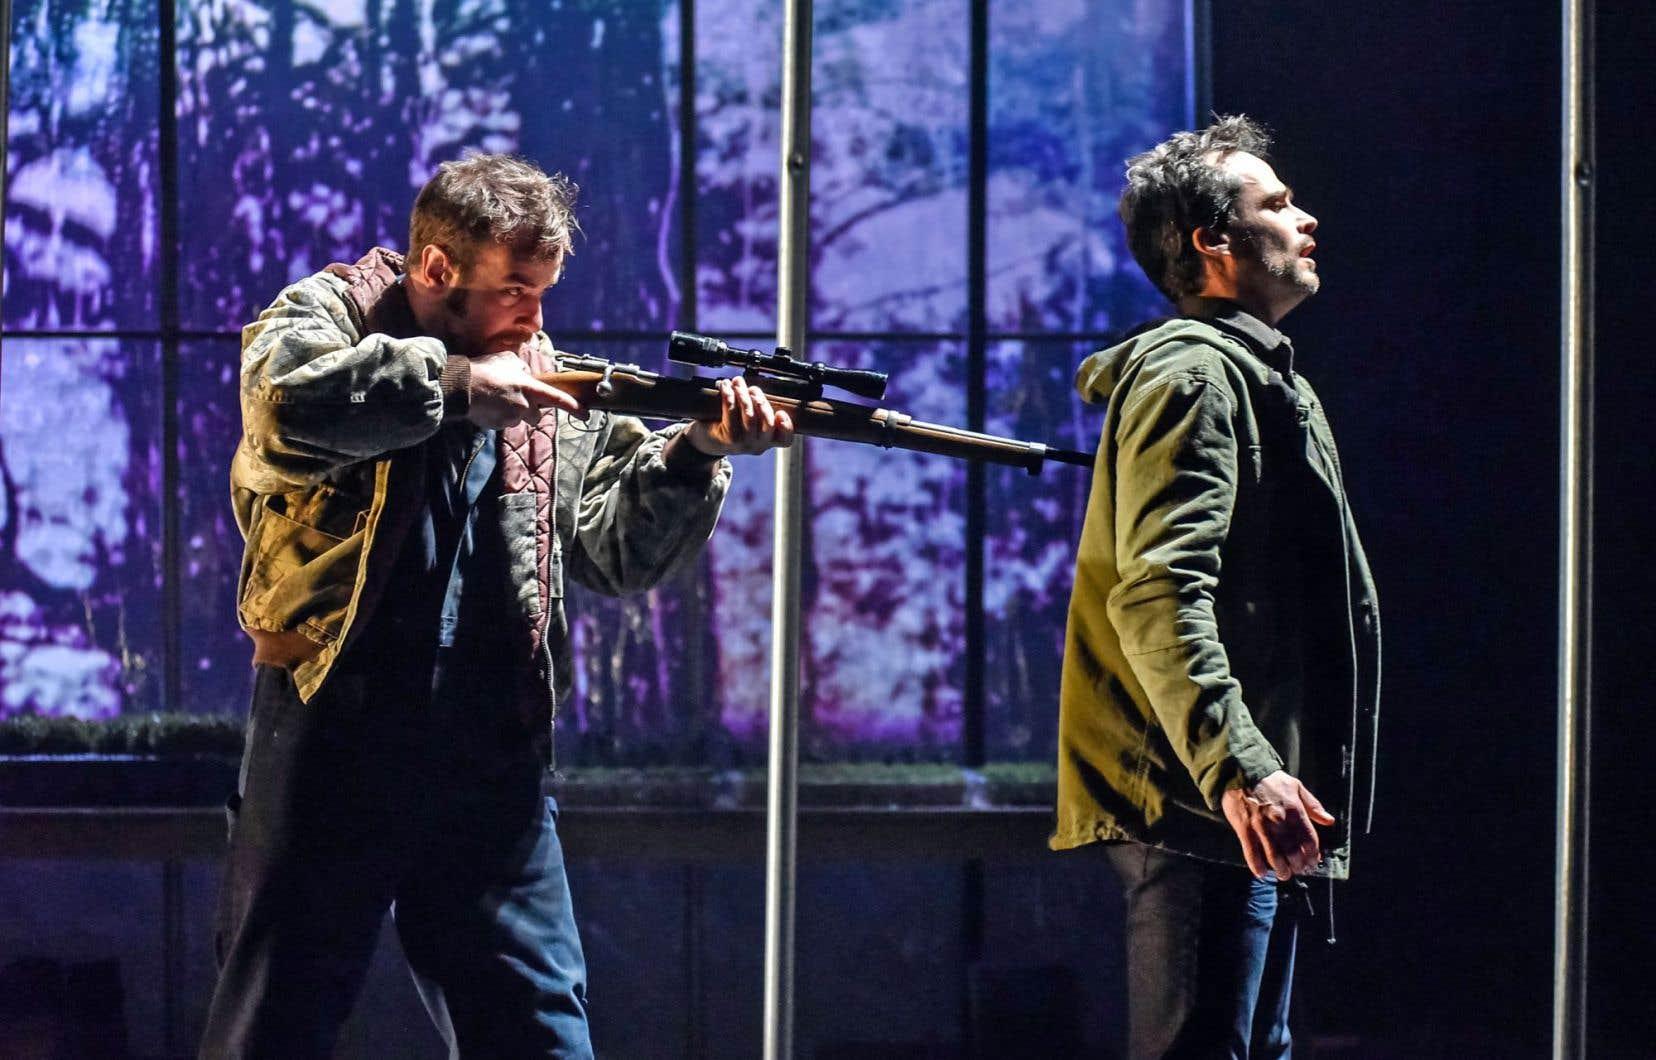 Au sein d'une fratrie bâtie de contrastes, et où Robin-Joël Cool (à gauche) campe un personnage tout d'une pièce, Patrick Hivon, lui, offre une sincérité à fleur de peau tout au long de la pièce.